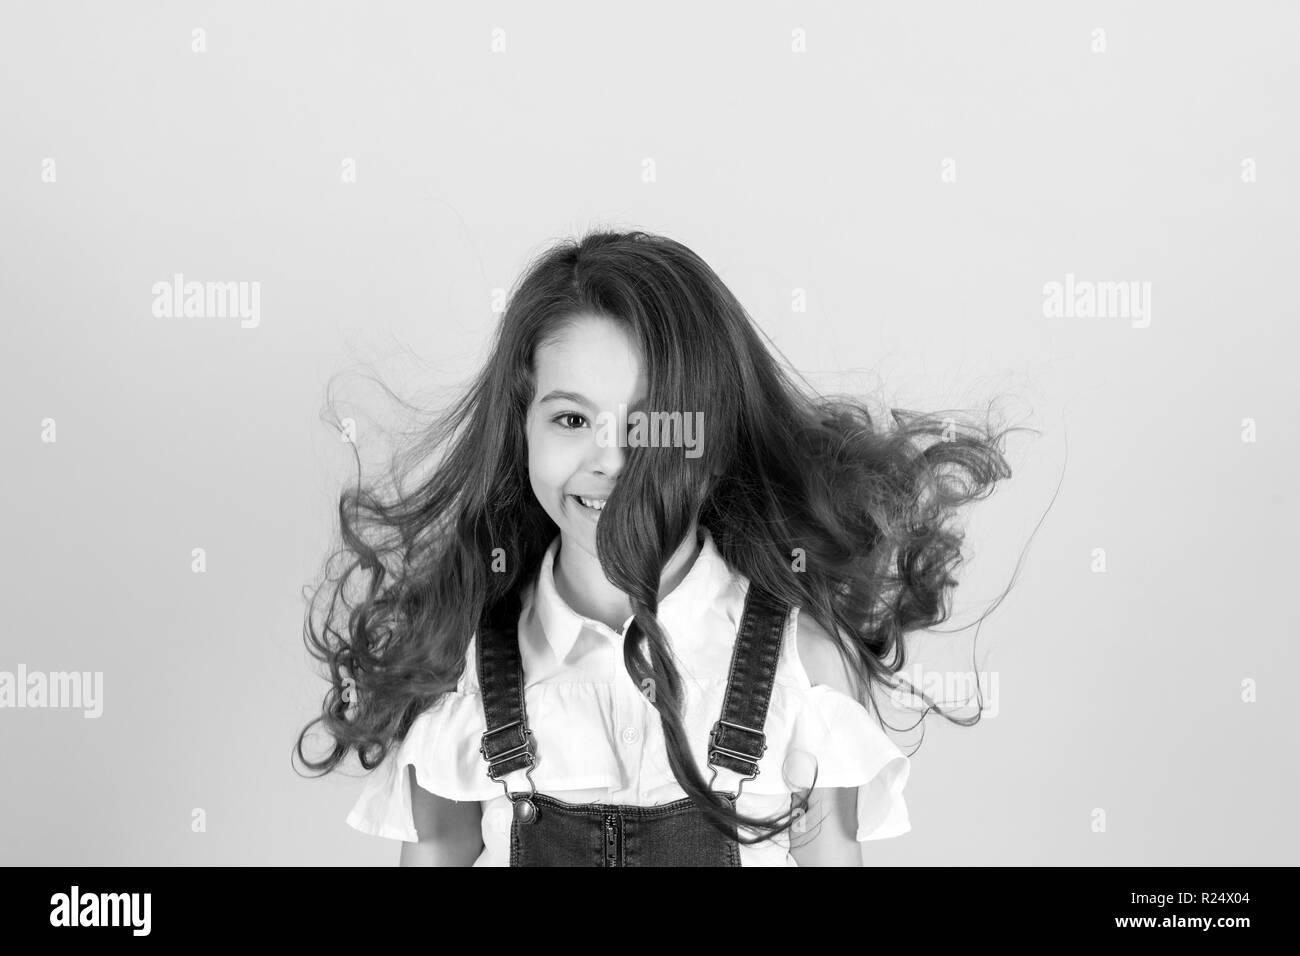 Mädchen Lächeln Mit Fließenden Lange Wellige Haare Auf Blauem